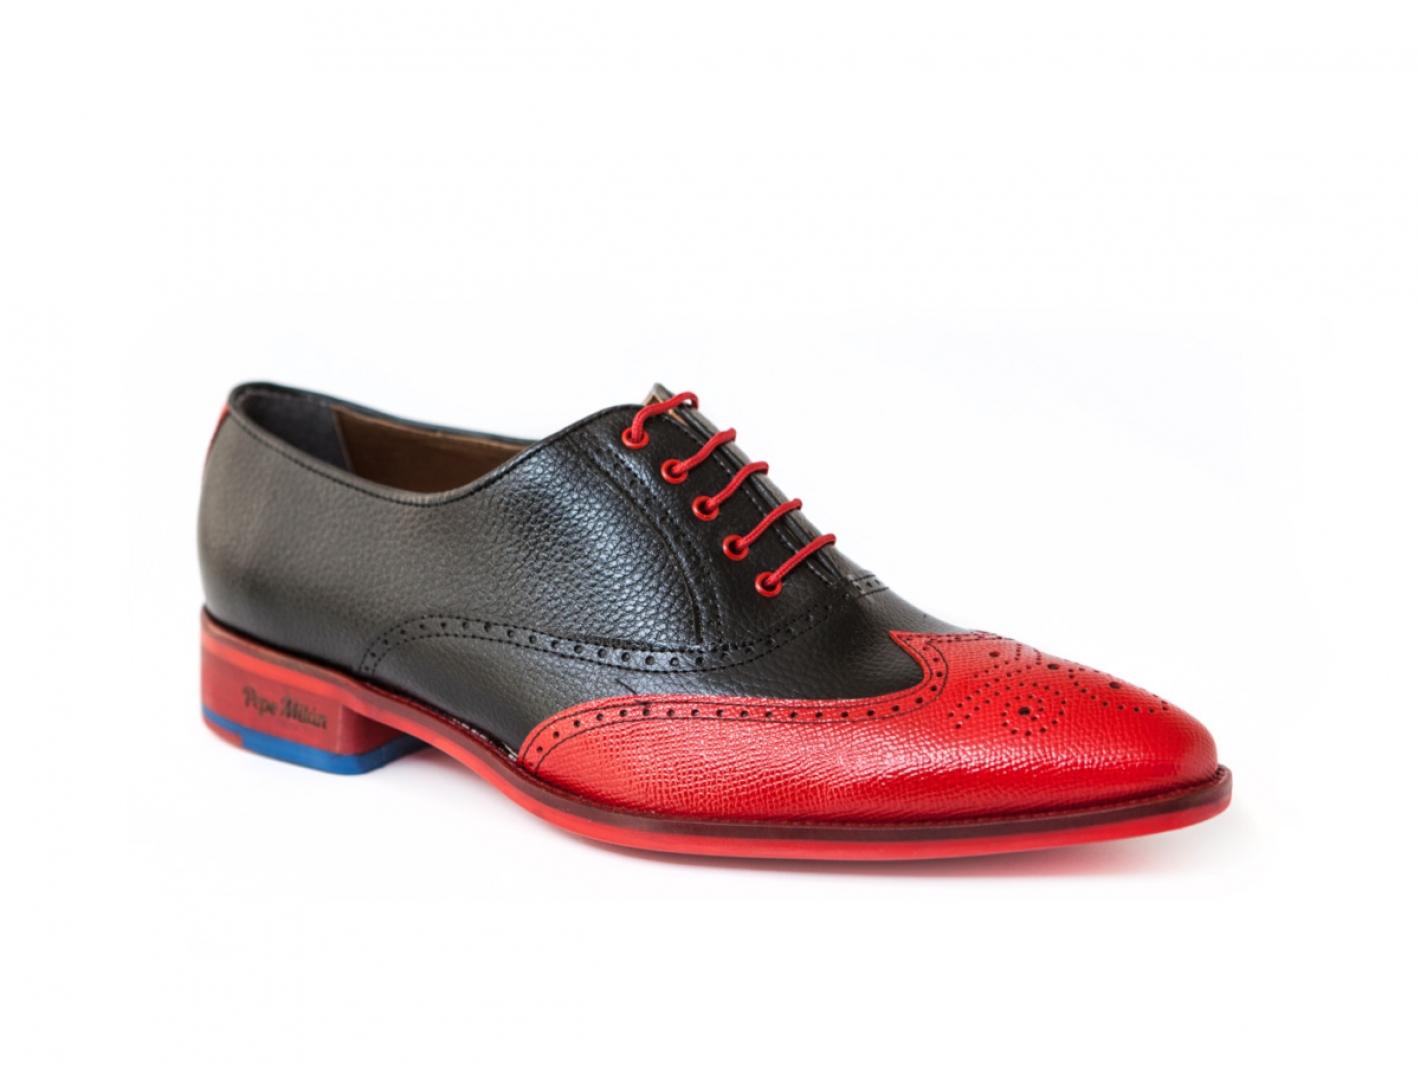 Chaussure Karacas Rouge Noir Modèle En Et MaracaiboFabriquée Ka HYD9eEIbW2